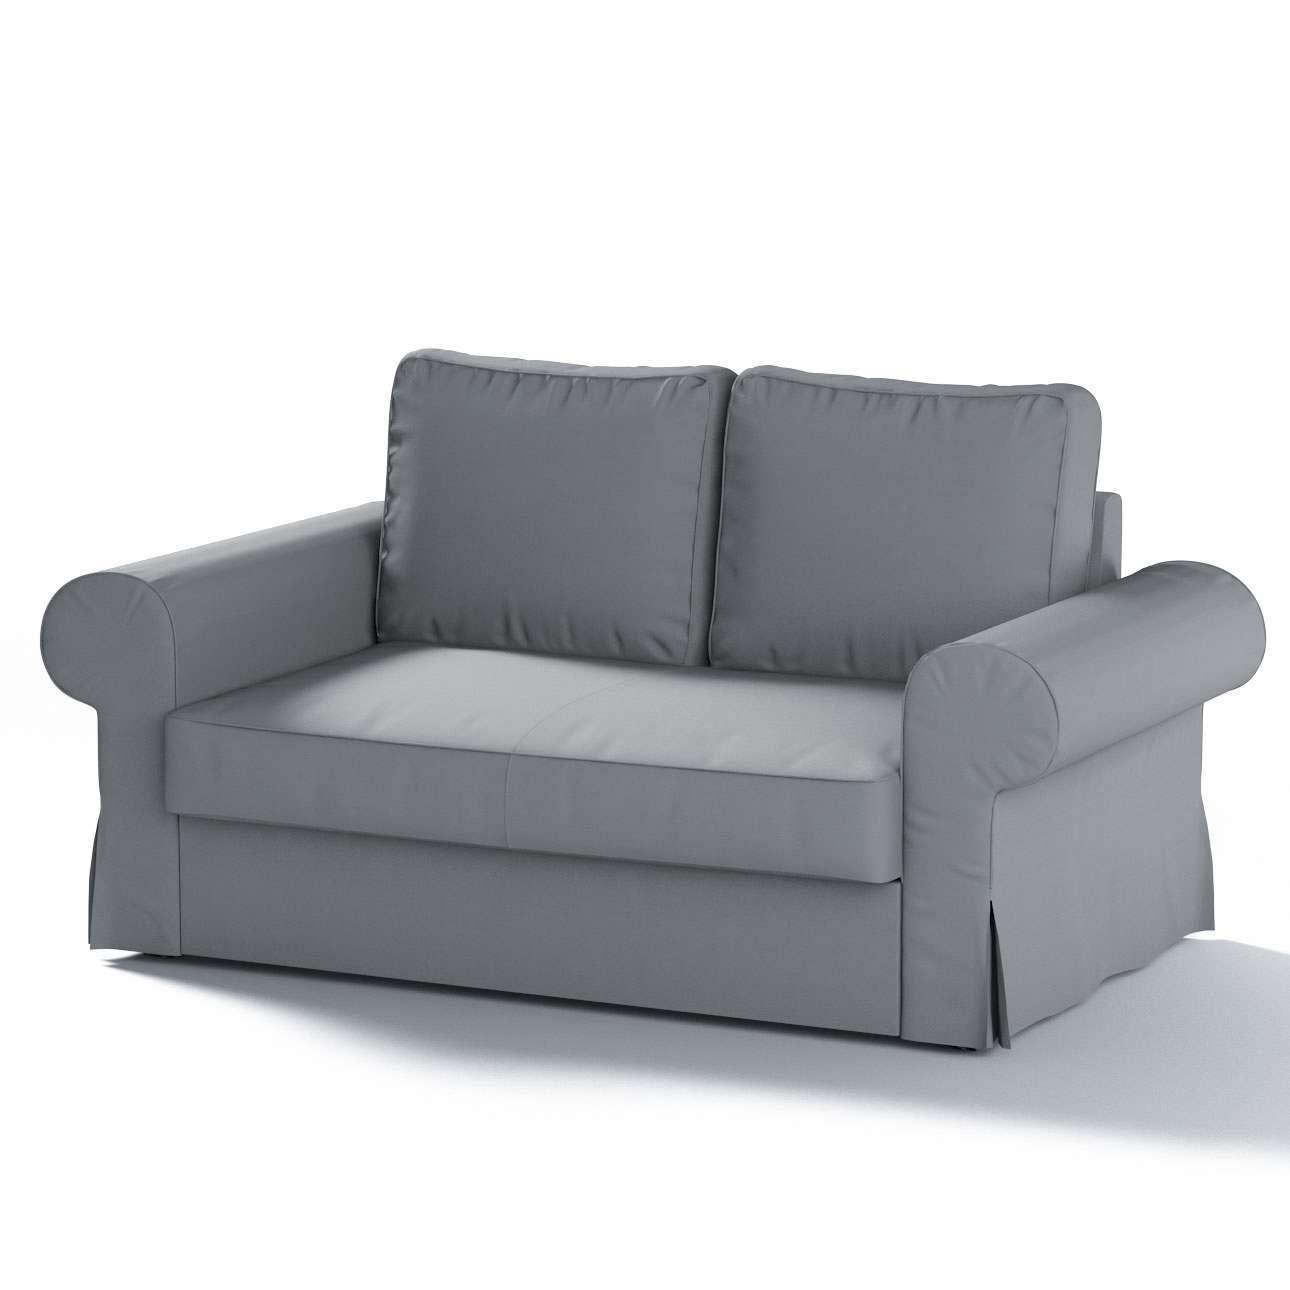 Bezug für Backabro 2-Sitzer Sofa ausklappbar von der Kollektion Cotton Panama, Stoff: 702-07